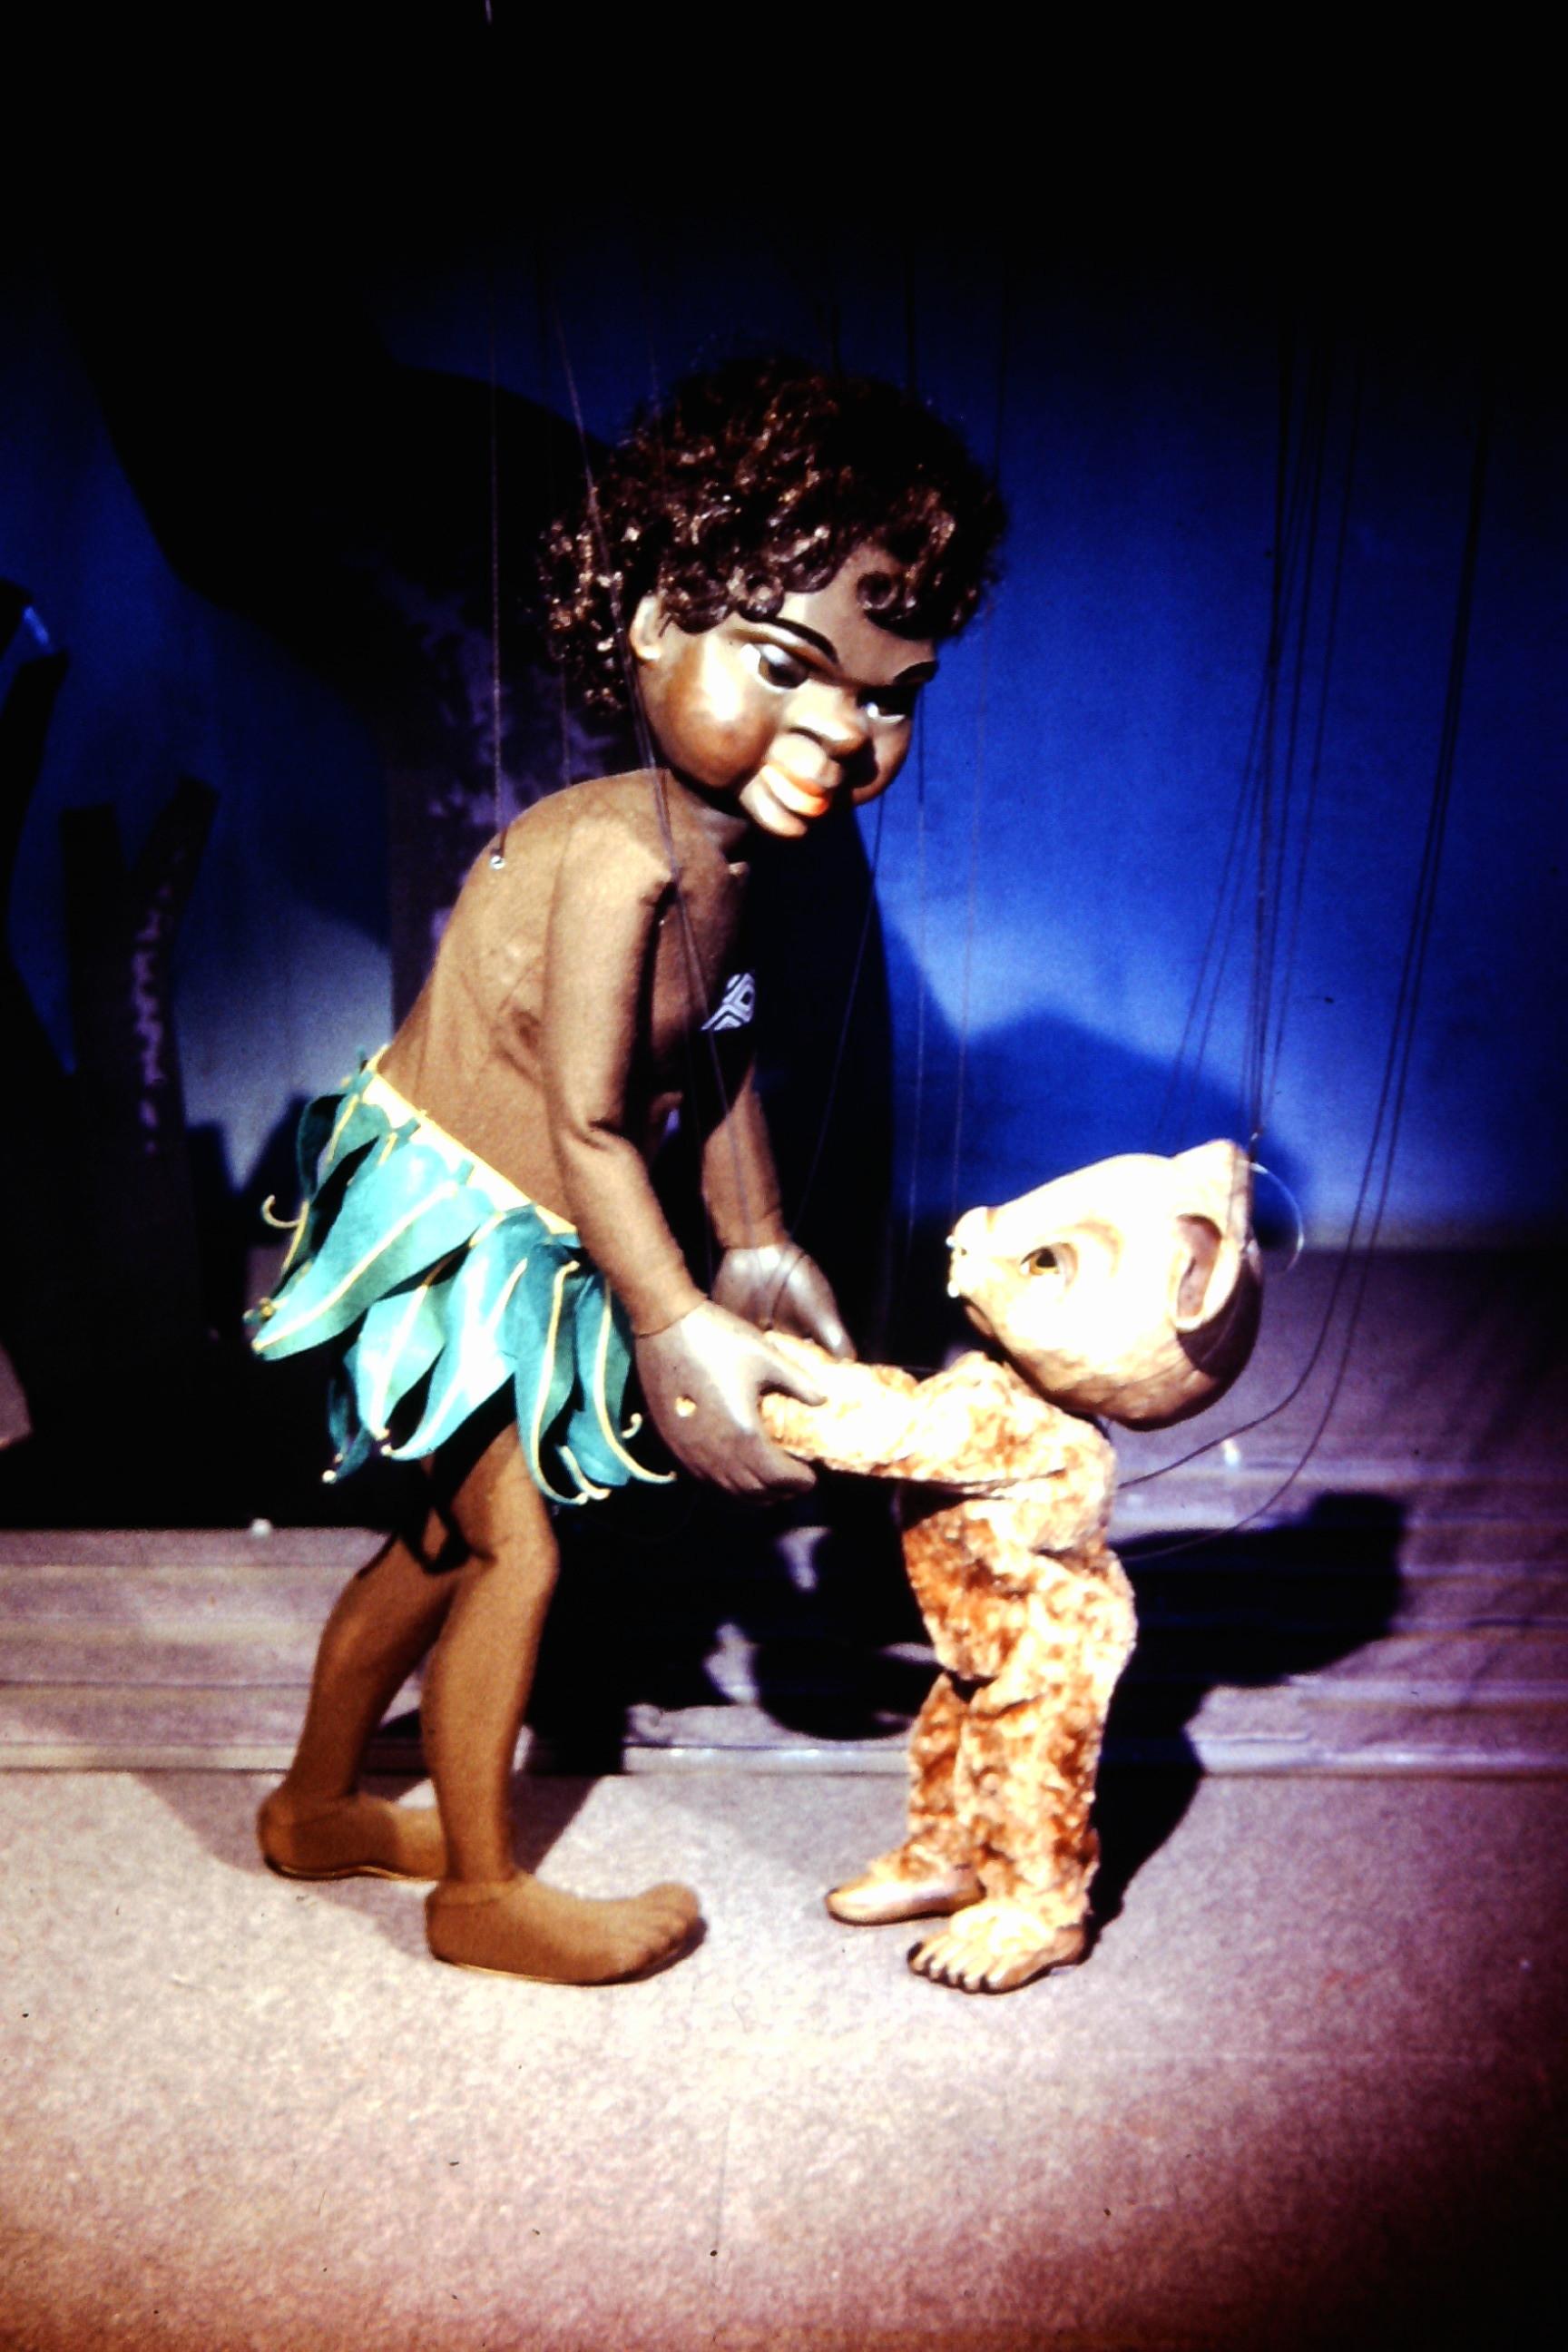 <em>Little Fella Bindi</em> (1958), marionnettes à fils par le marionnettiste australien Peter Scriven pour le Marionette Theatre of Australia. Photo réproduite avec l'aimable autorisation de Collection : Marionette Theatre of Australia